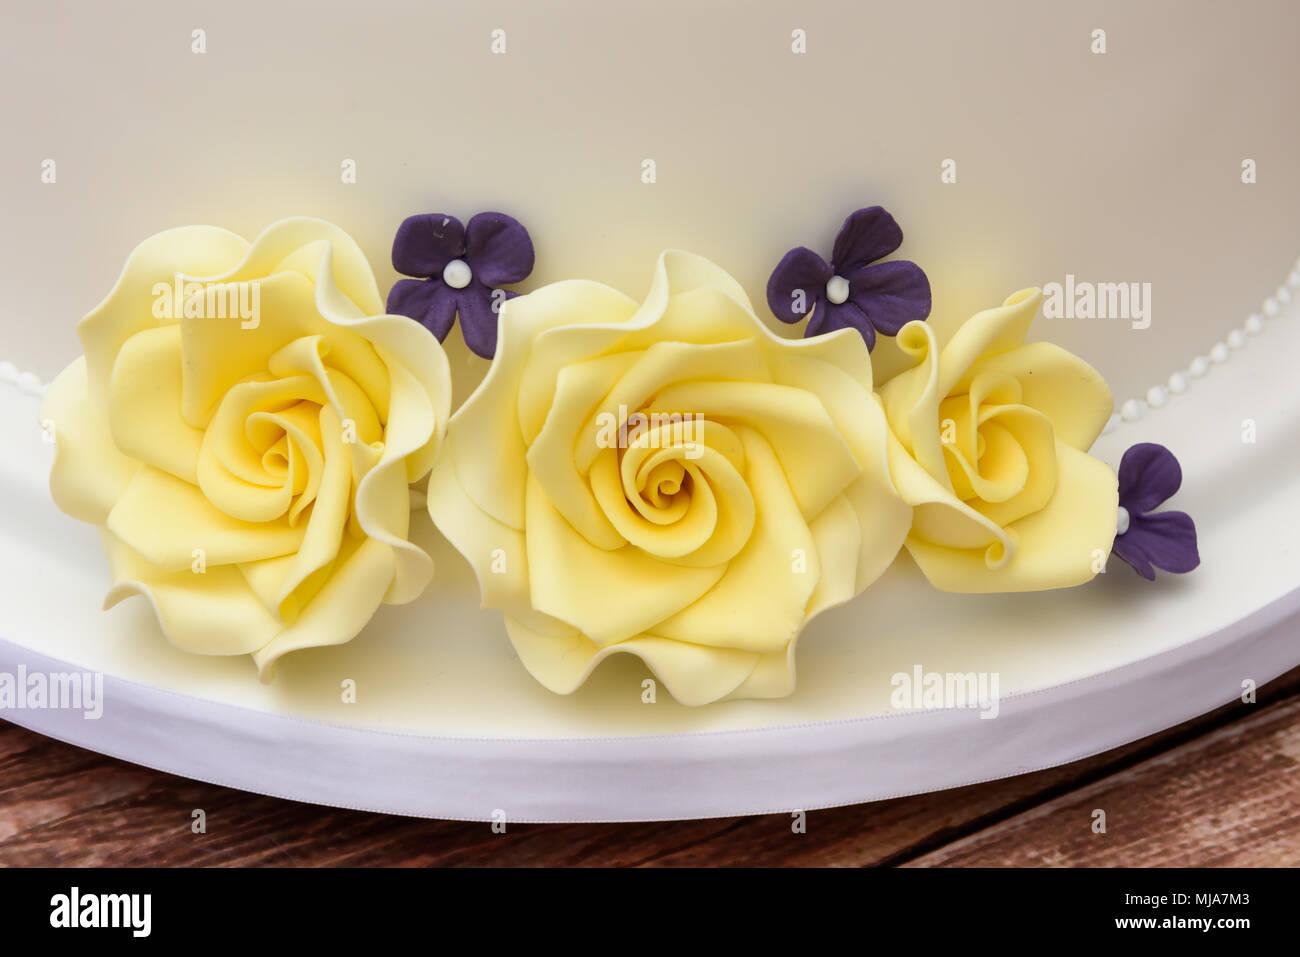 Star wars themed wedding cake Stock Photo: 183393059 - Alamy